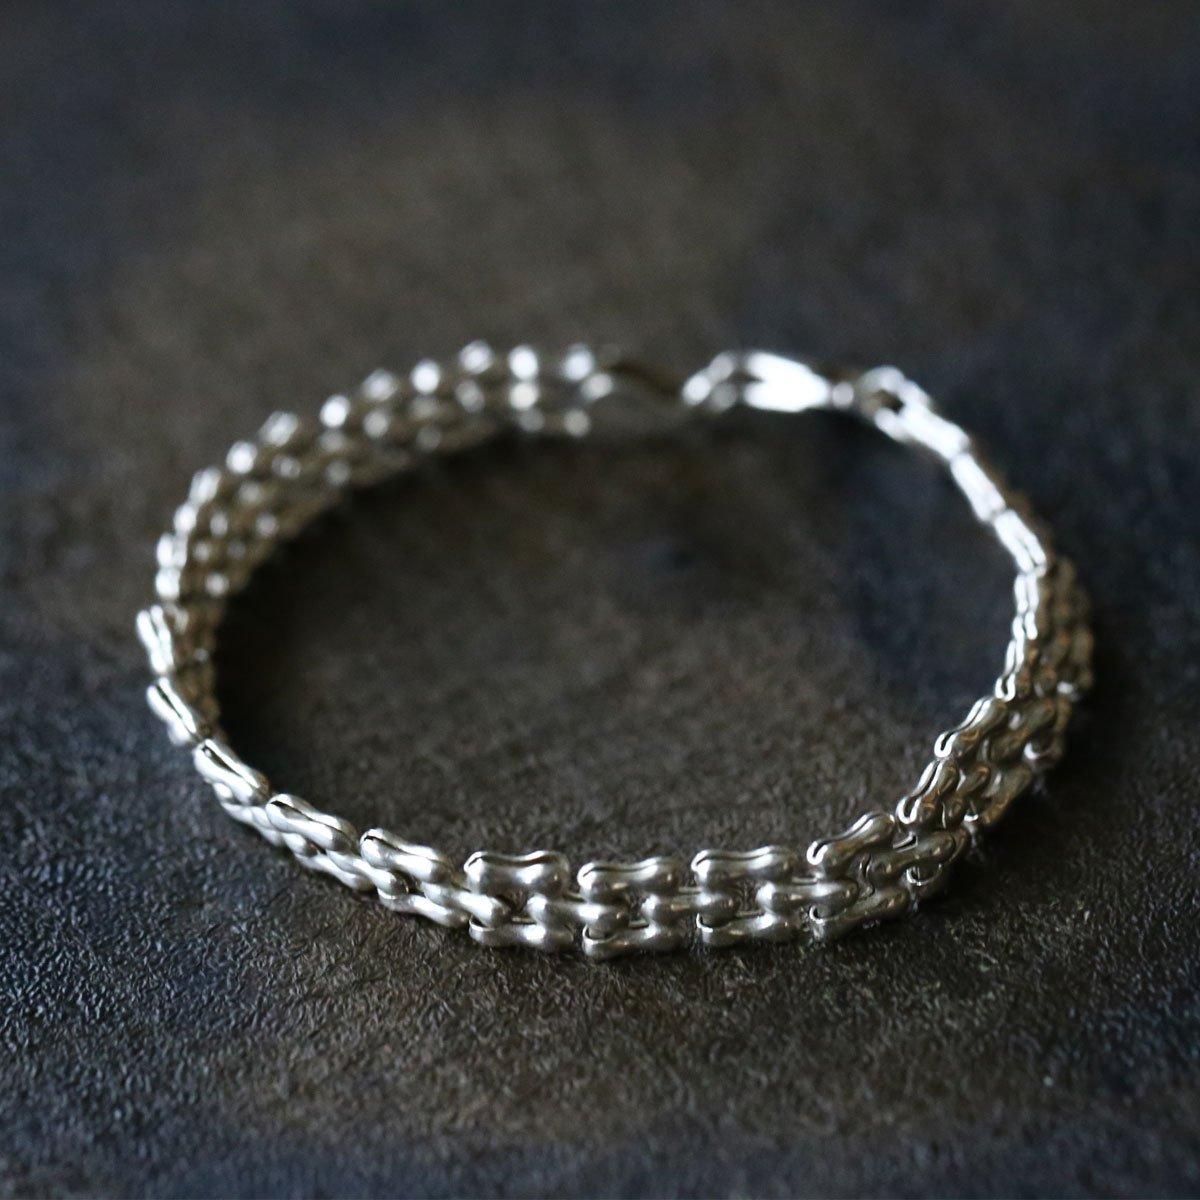 Vintage Silver Chain Bracelet ACH-006